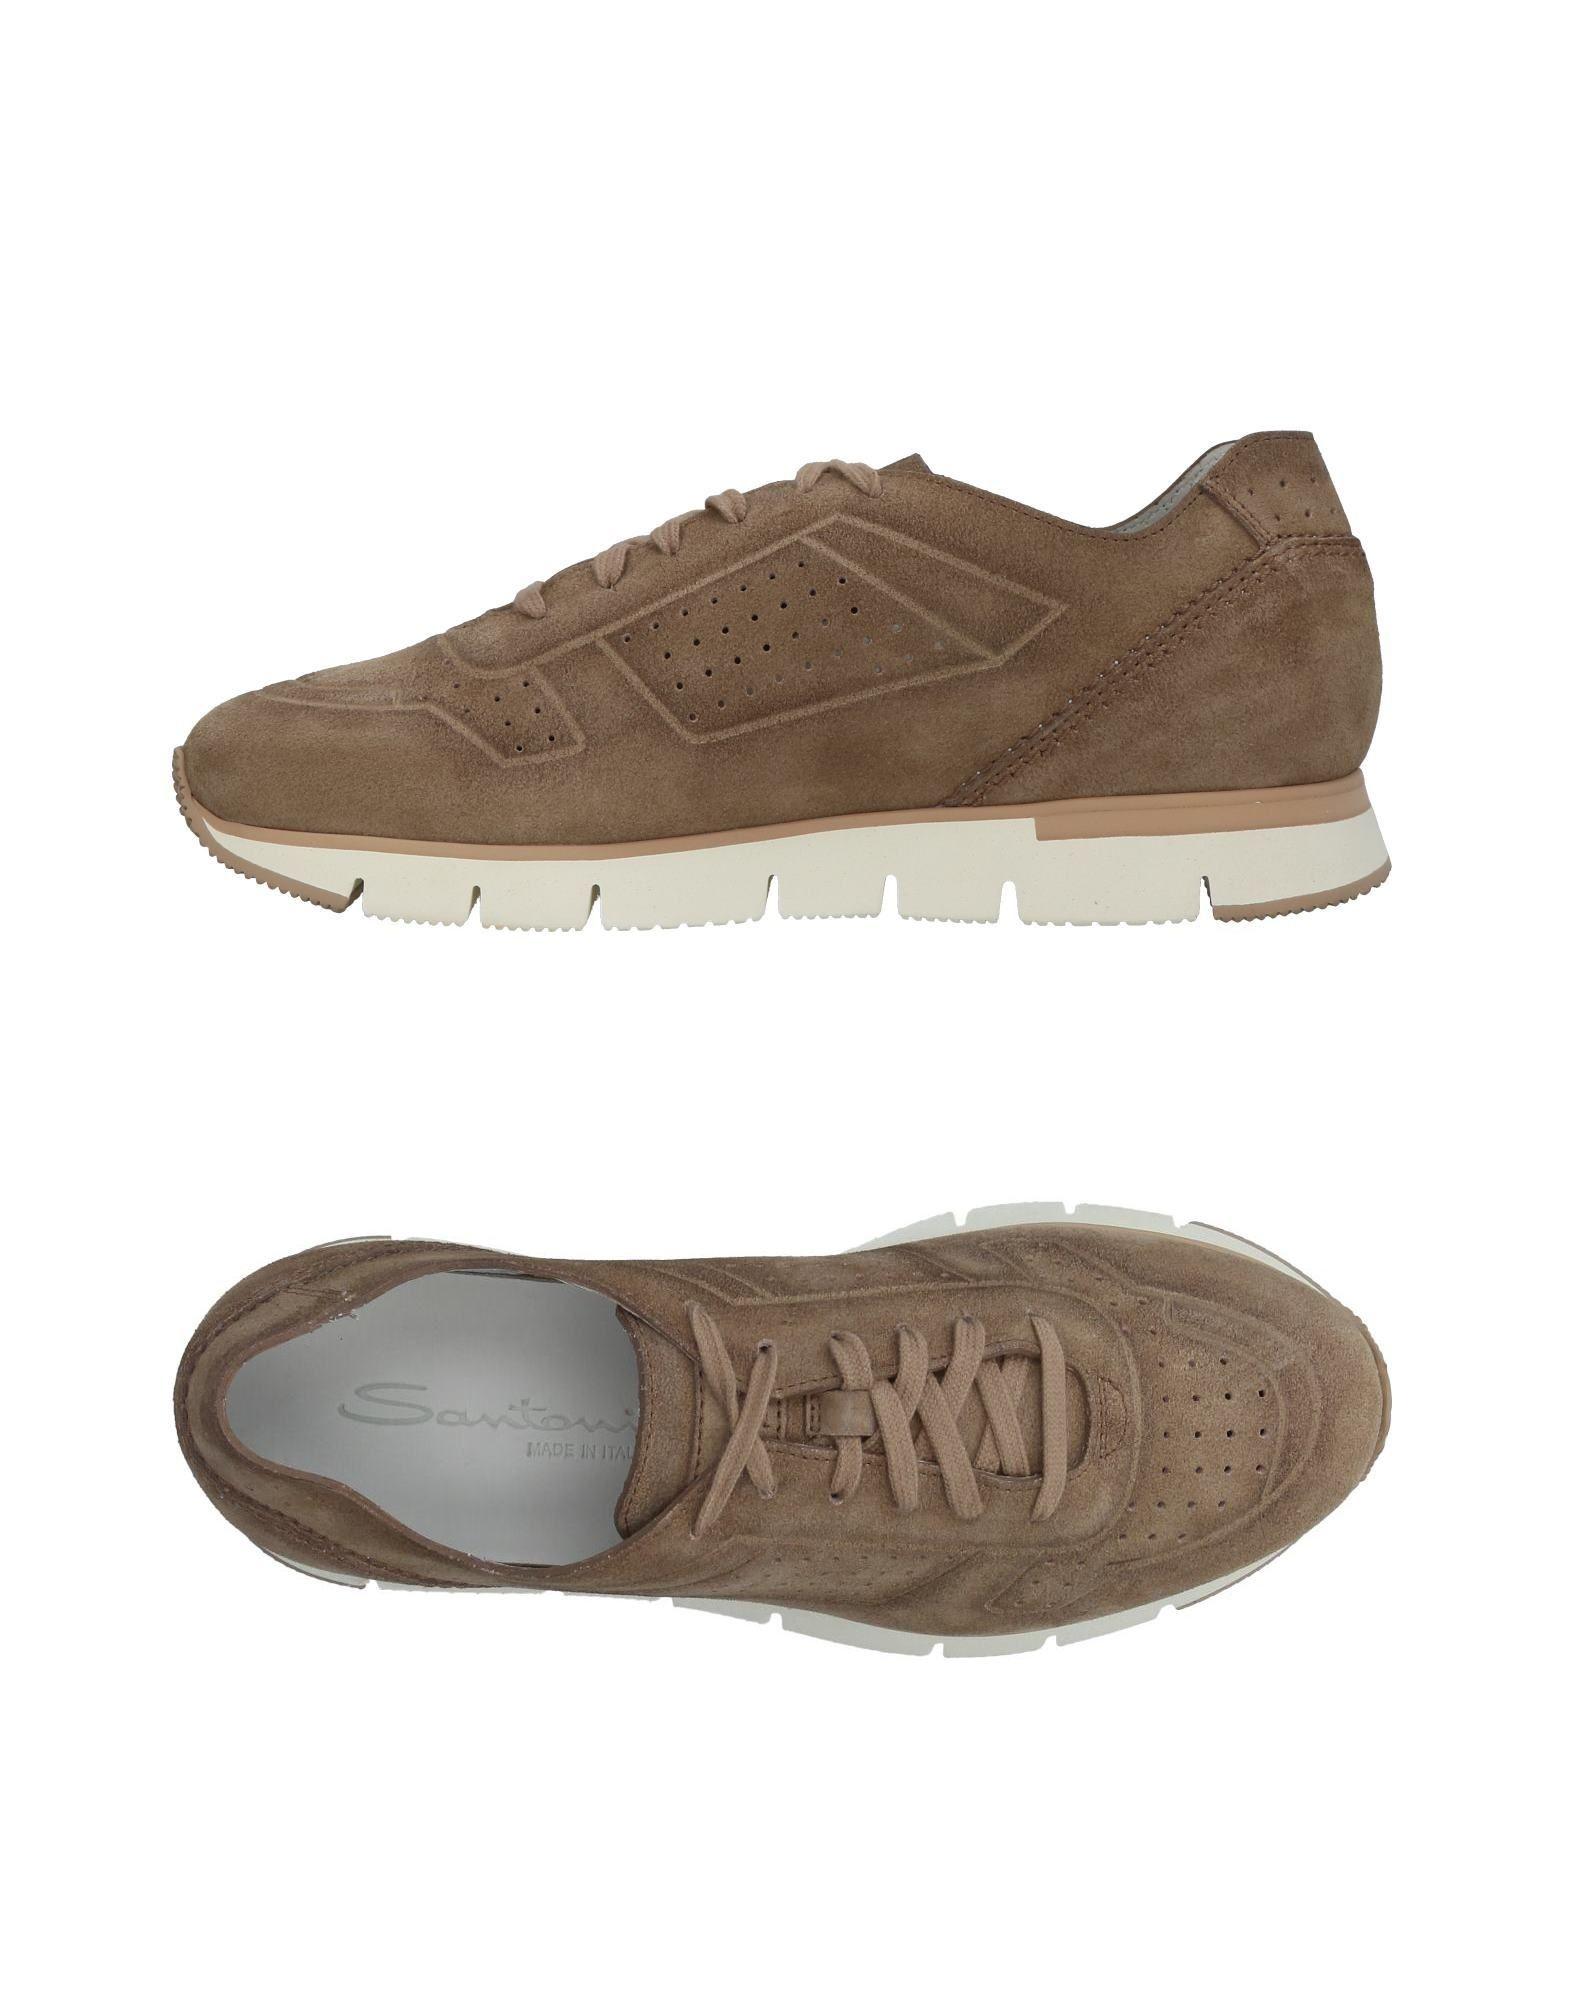 Santoni Sneakers Herren  11410714KF Gute Qualität beliebte Schuhe